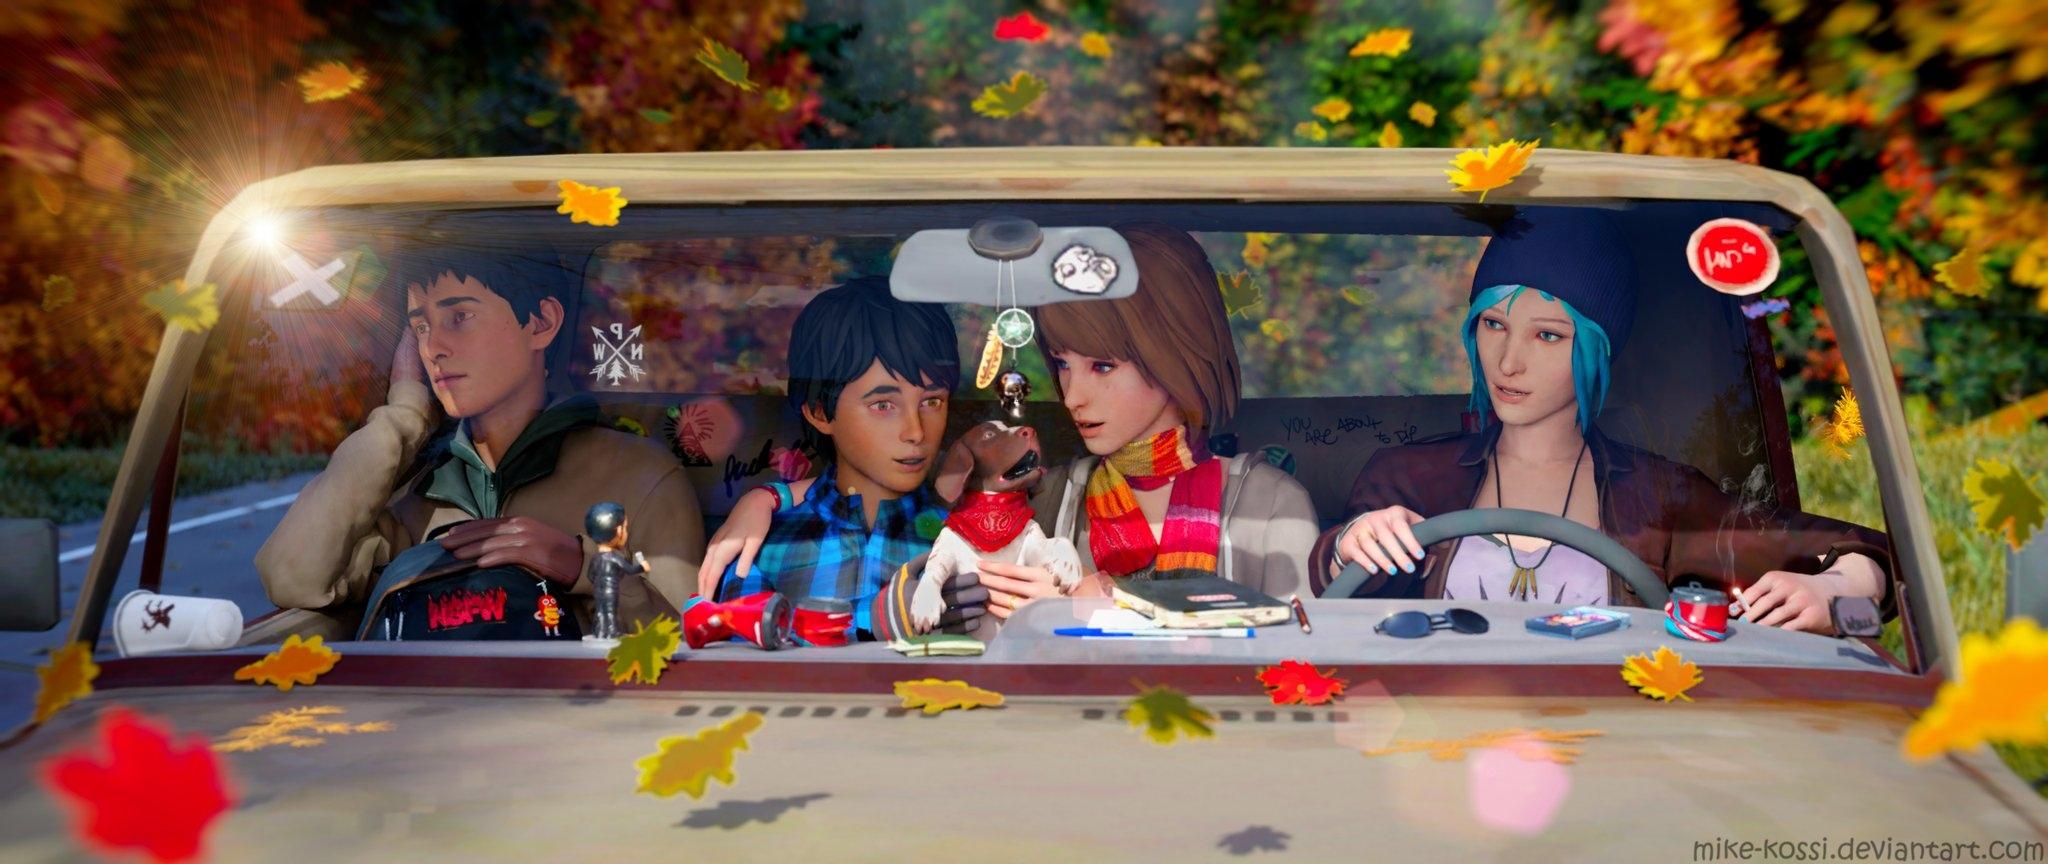 Druhá epizoda akční adventury Life is Strange 2 vyjde až v lednu